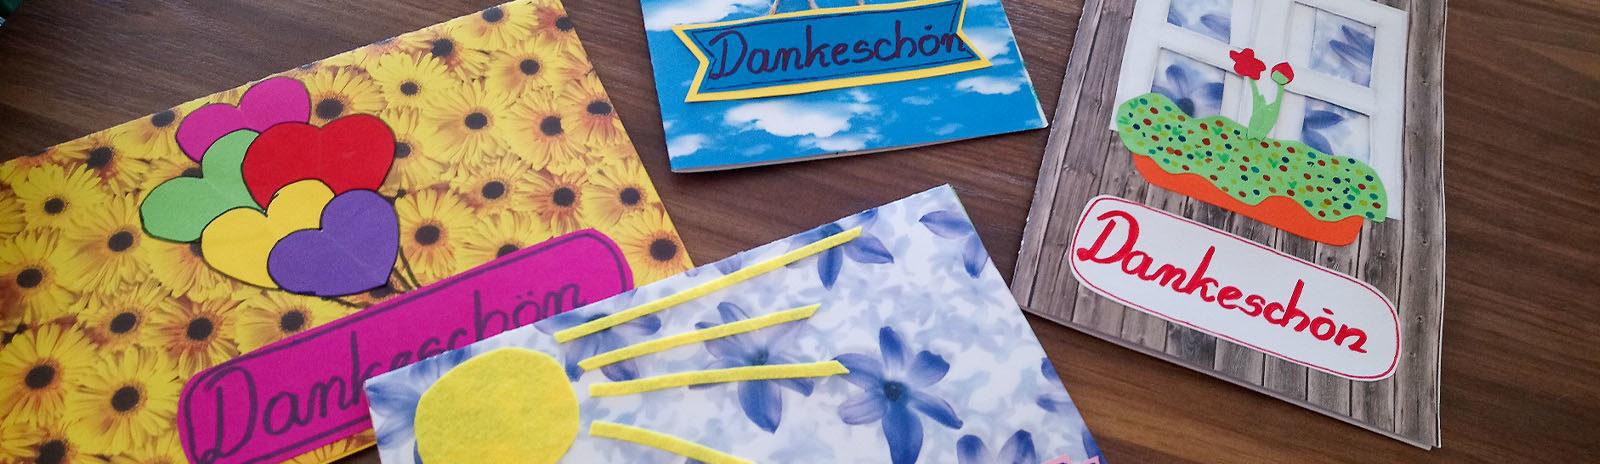 2020_04_23_Haus_in_den_Auen_Dankeskarten_slider